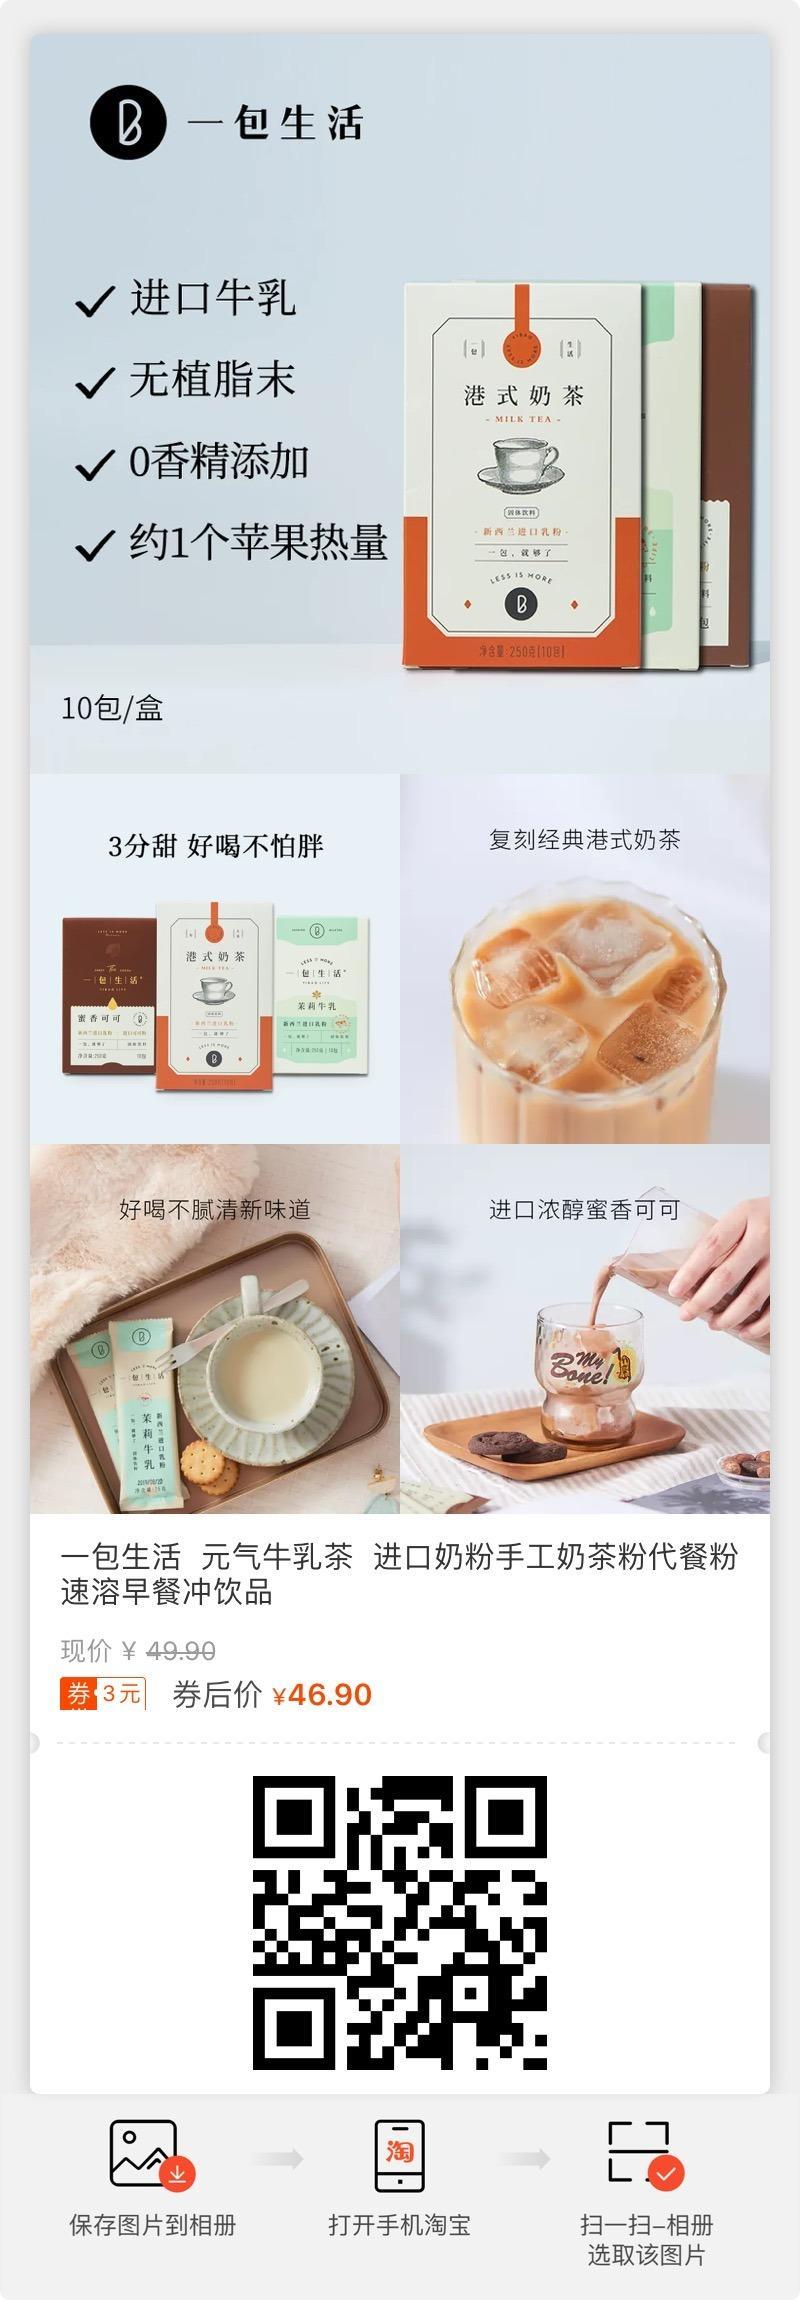 盘点中国奶茶十大品牌排行,中国奶茶哪家好喝?